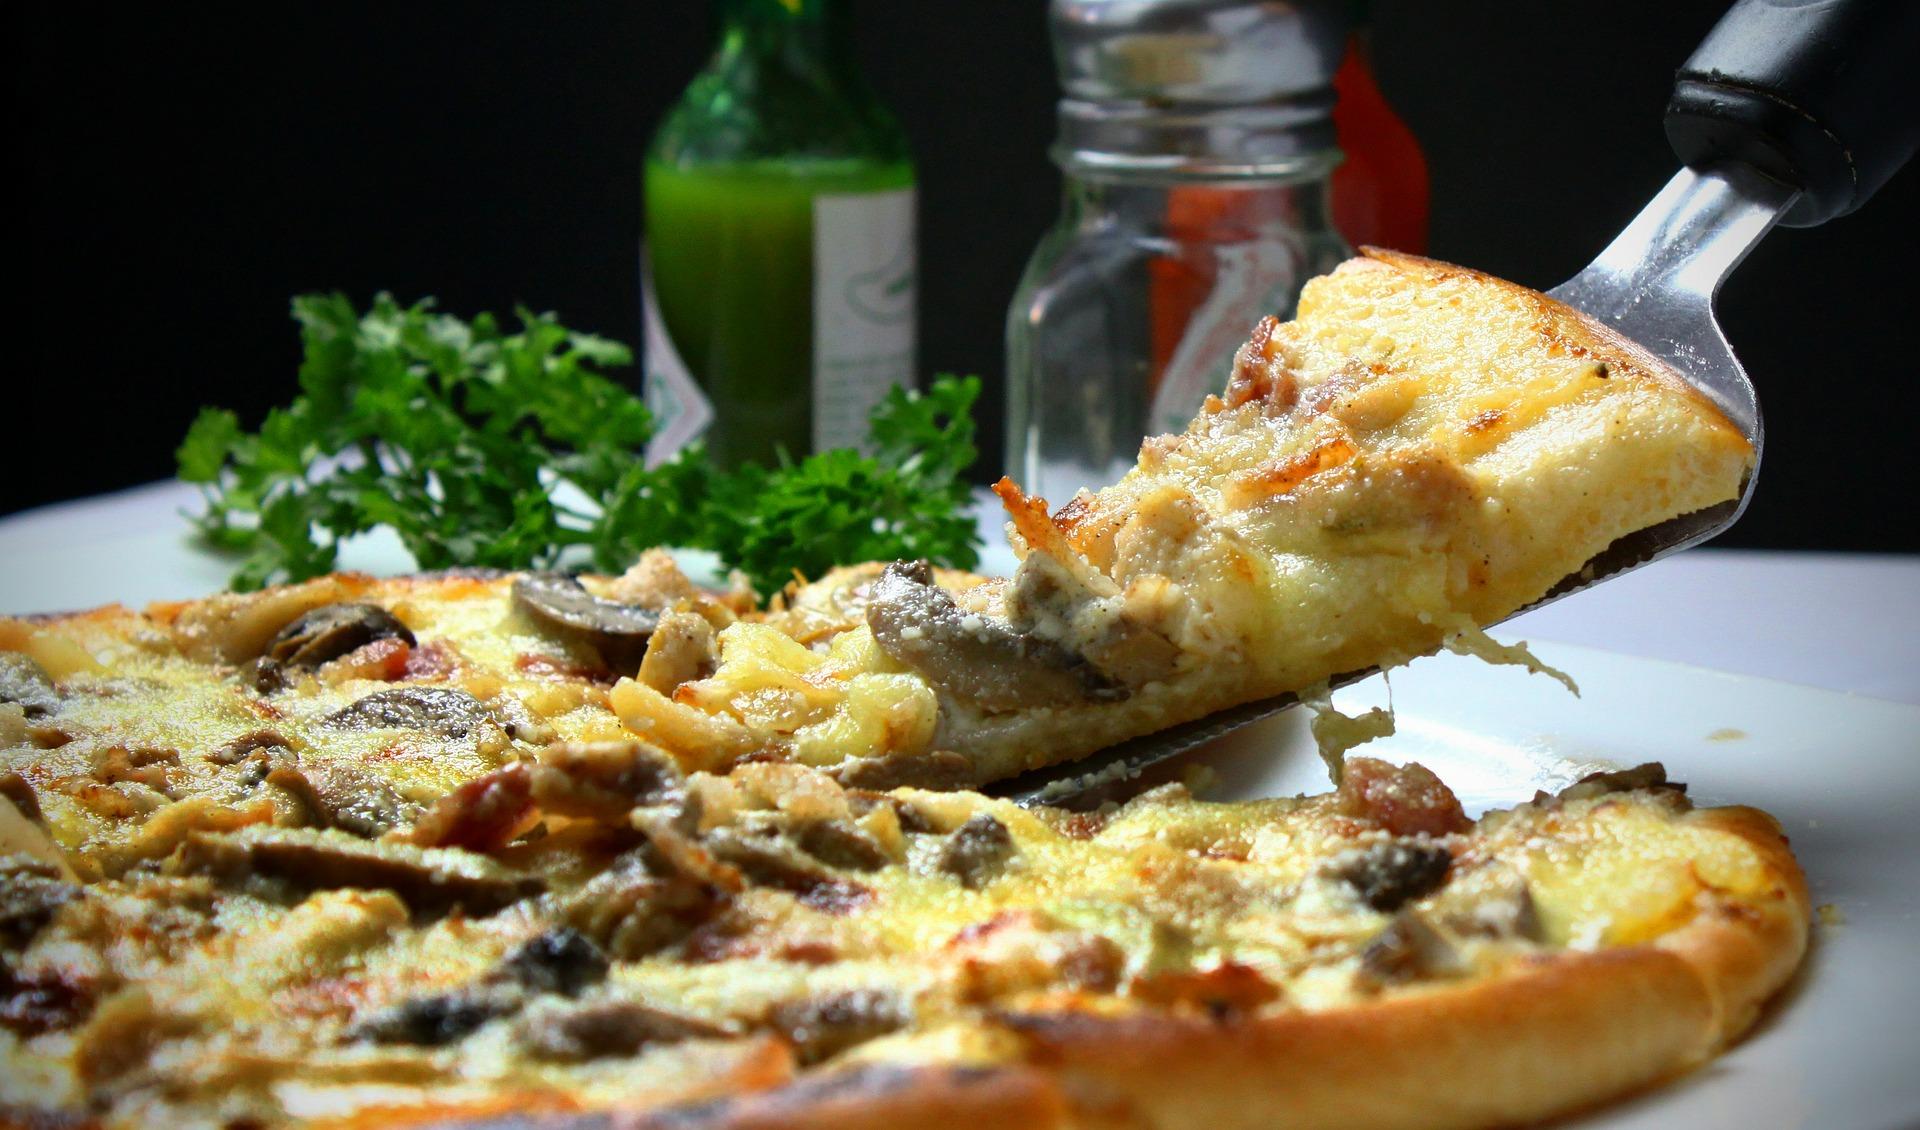 Pizza de casa cu blat pufos - sfatulparintilor.ro - pixabay_com - pizza-329523_1920